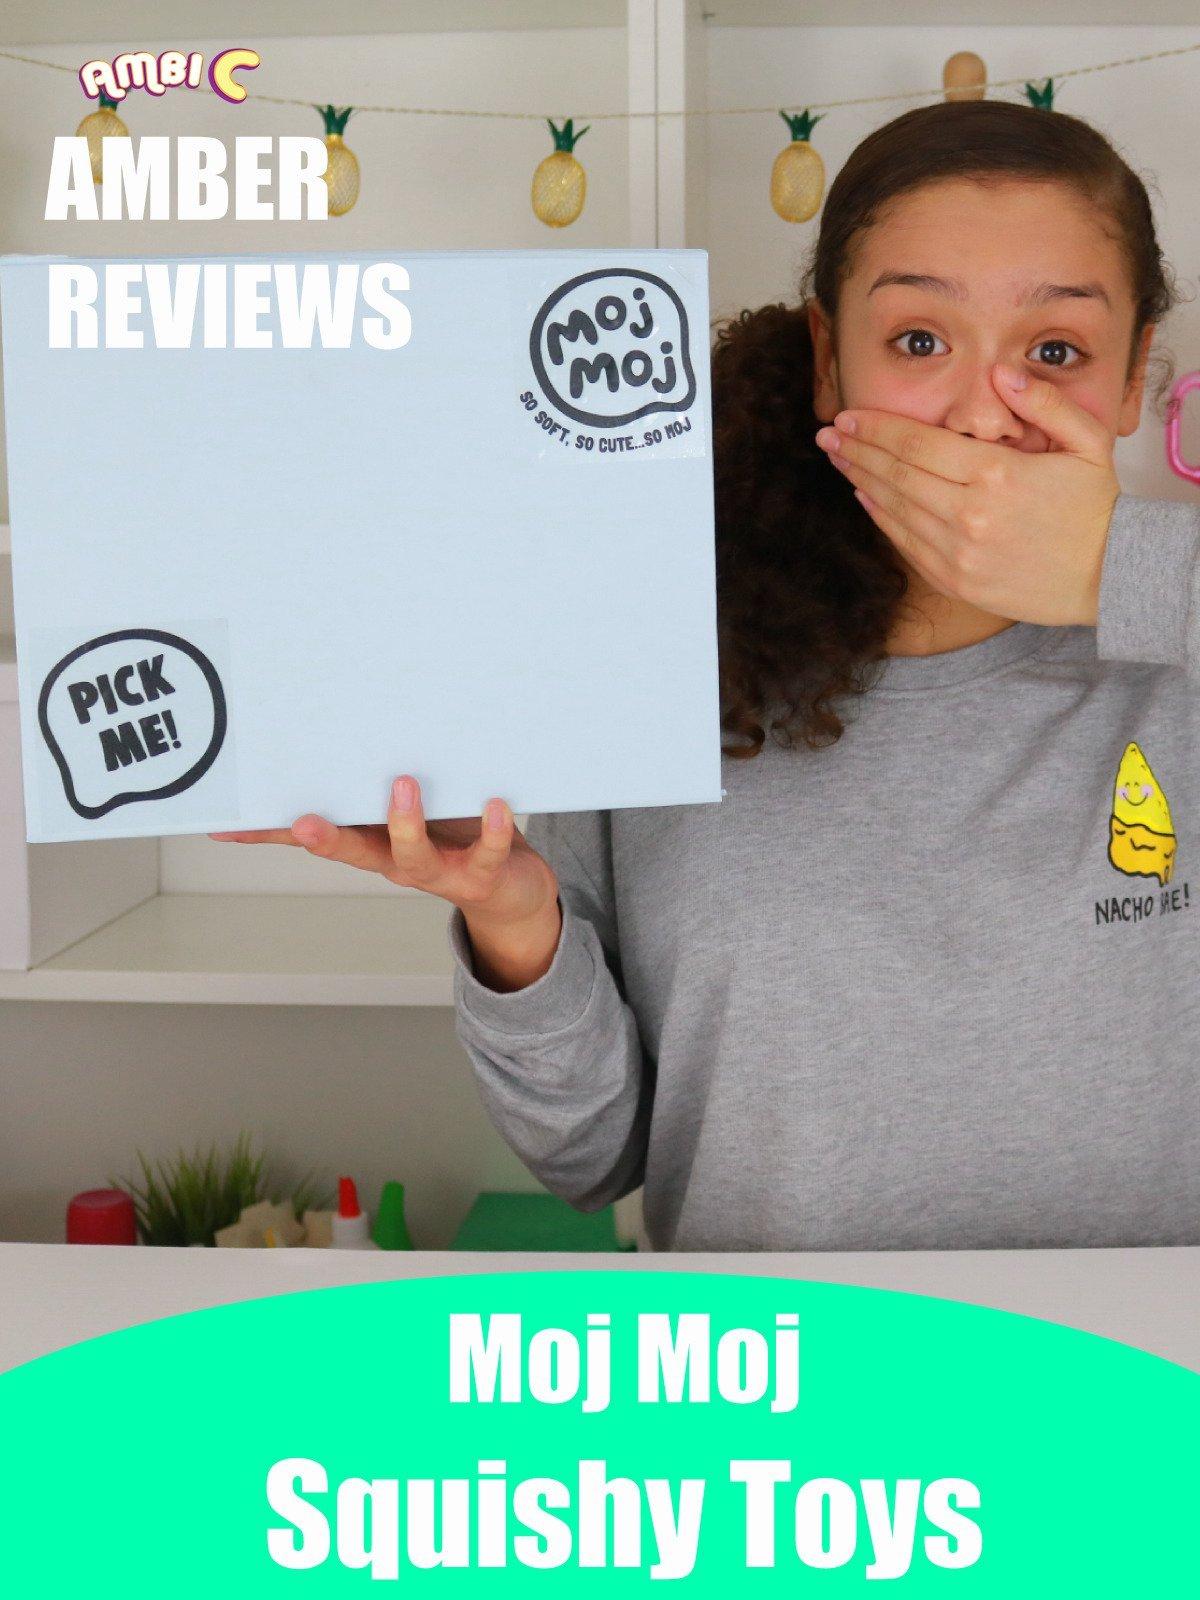 Amber Reviews Moj Moj Squishy Toys